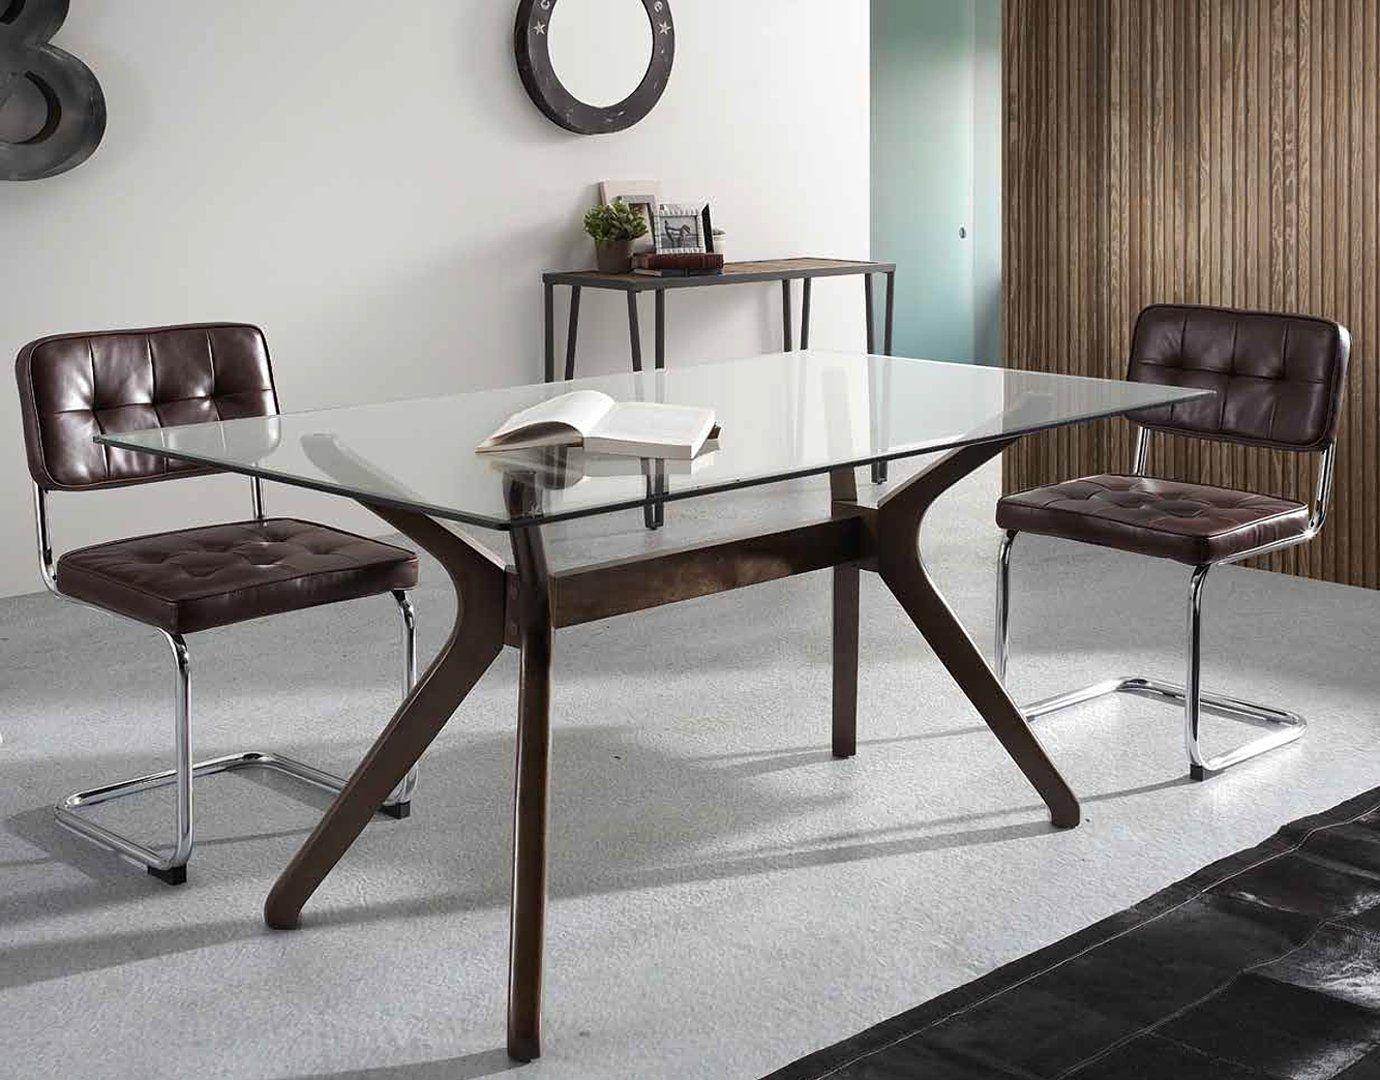 Mesa de comedor cristal olaf vintage muebles decorar for Decorar una mesa de comedor de cristal